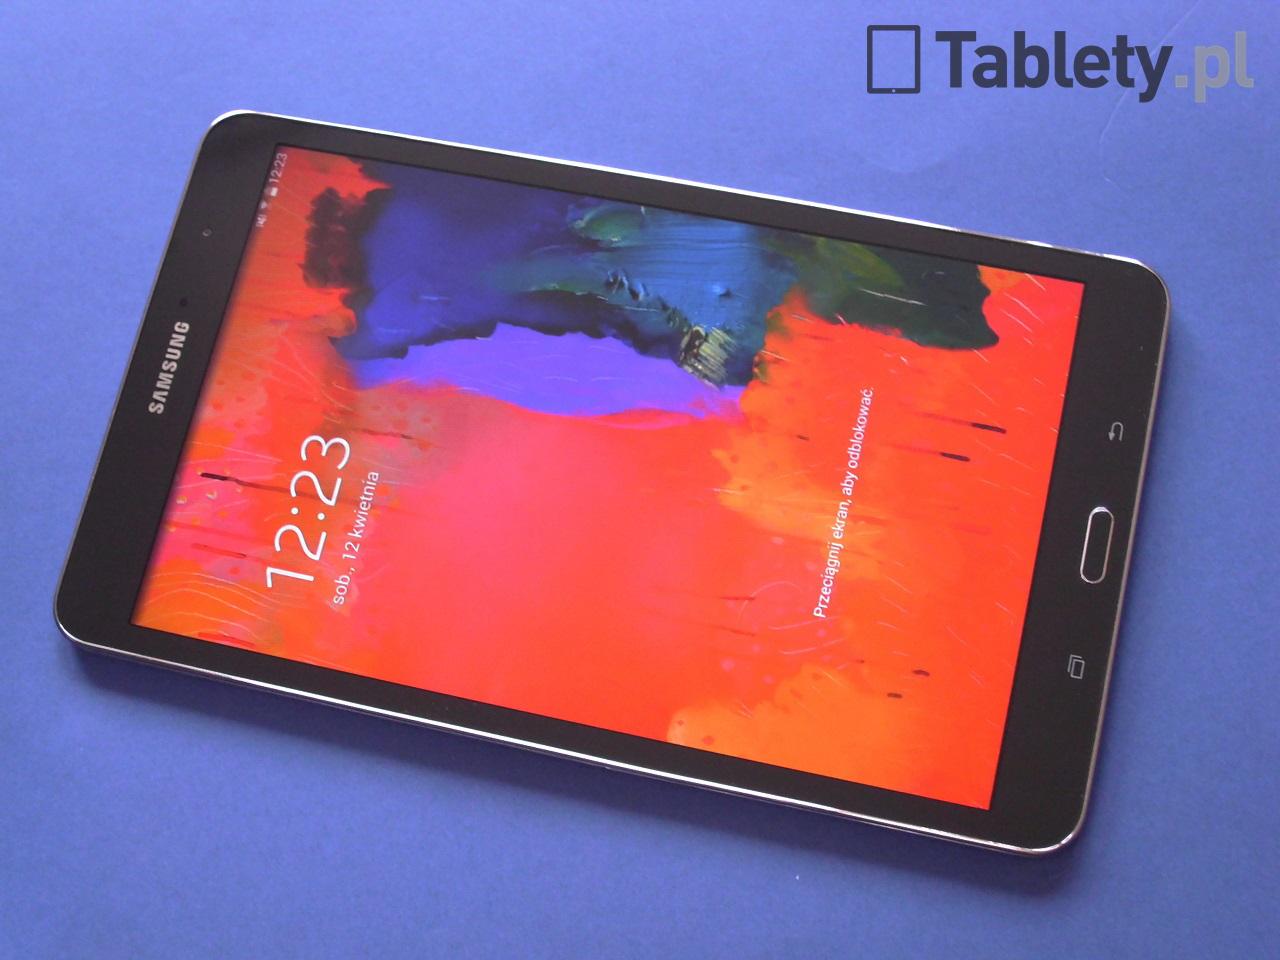 Samsung Galaxy TabPRO 8.4 01